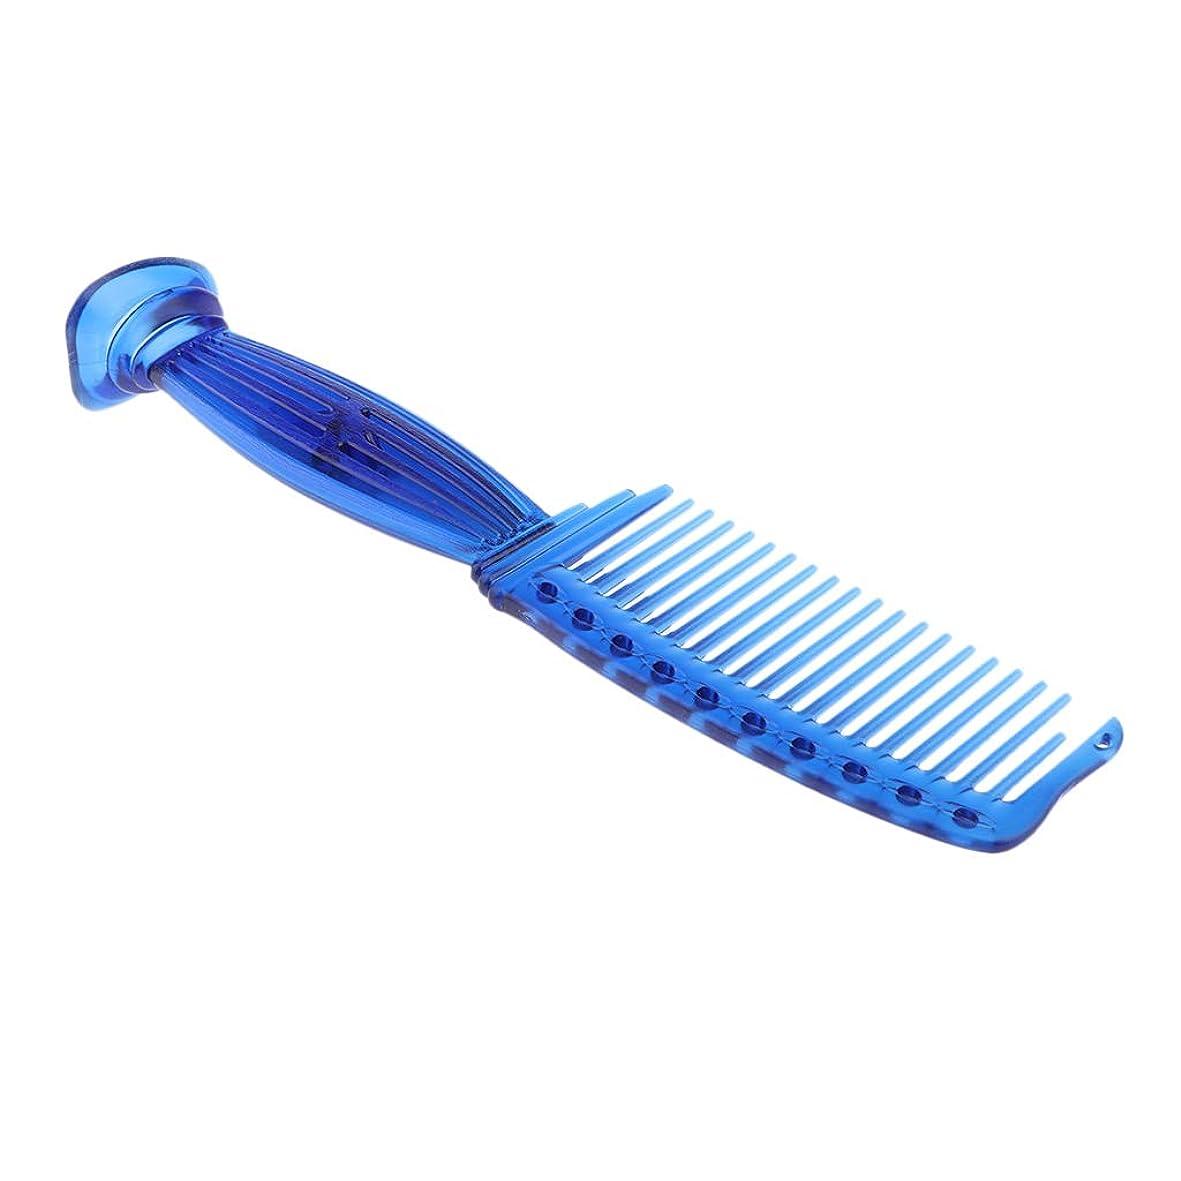 月曜日かけがえのない和解するB Blesiya 櫛 ワイド歯 スムースコーム プラスチック ヘアブラシ 5色選べ - 青